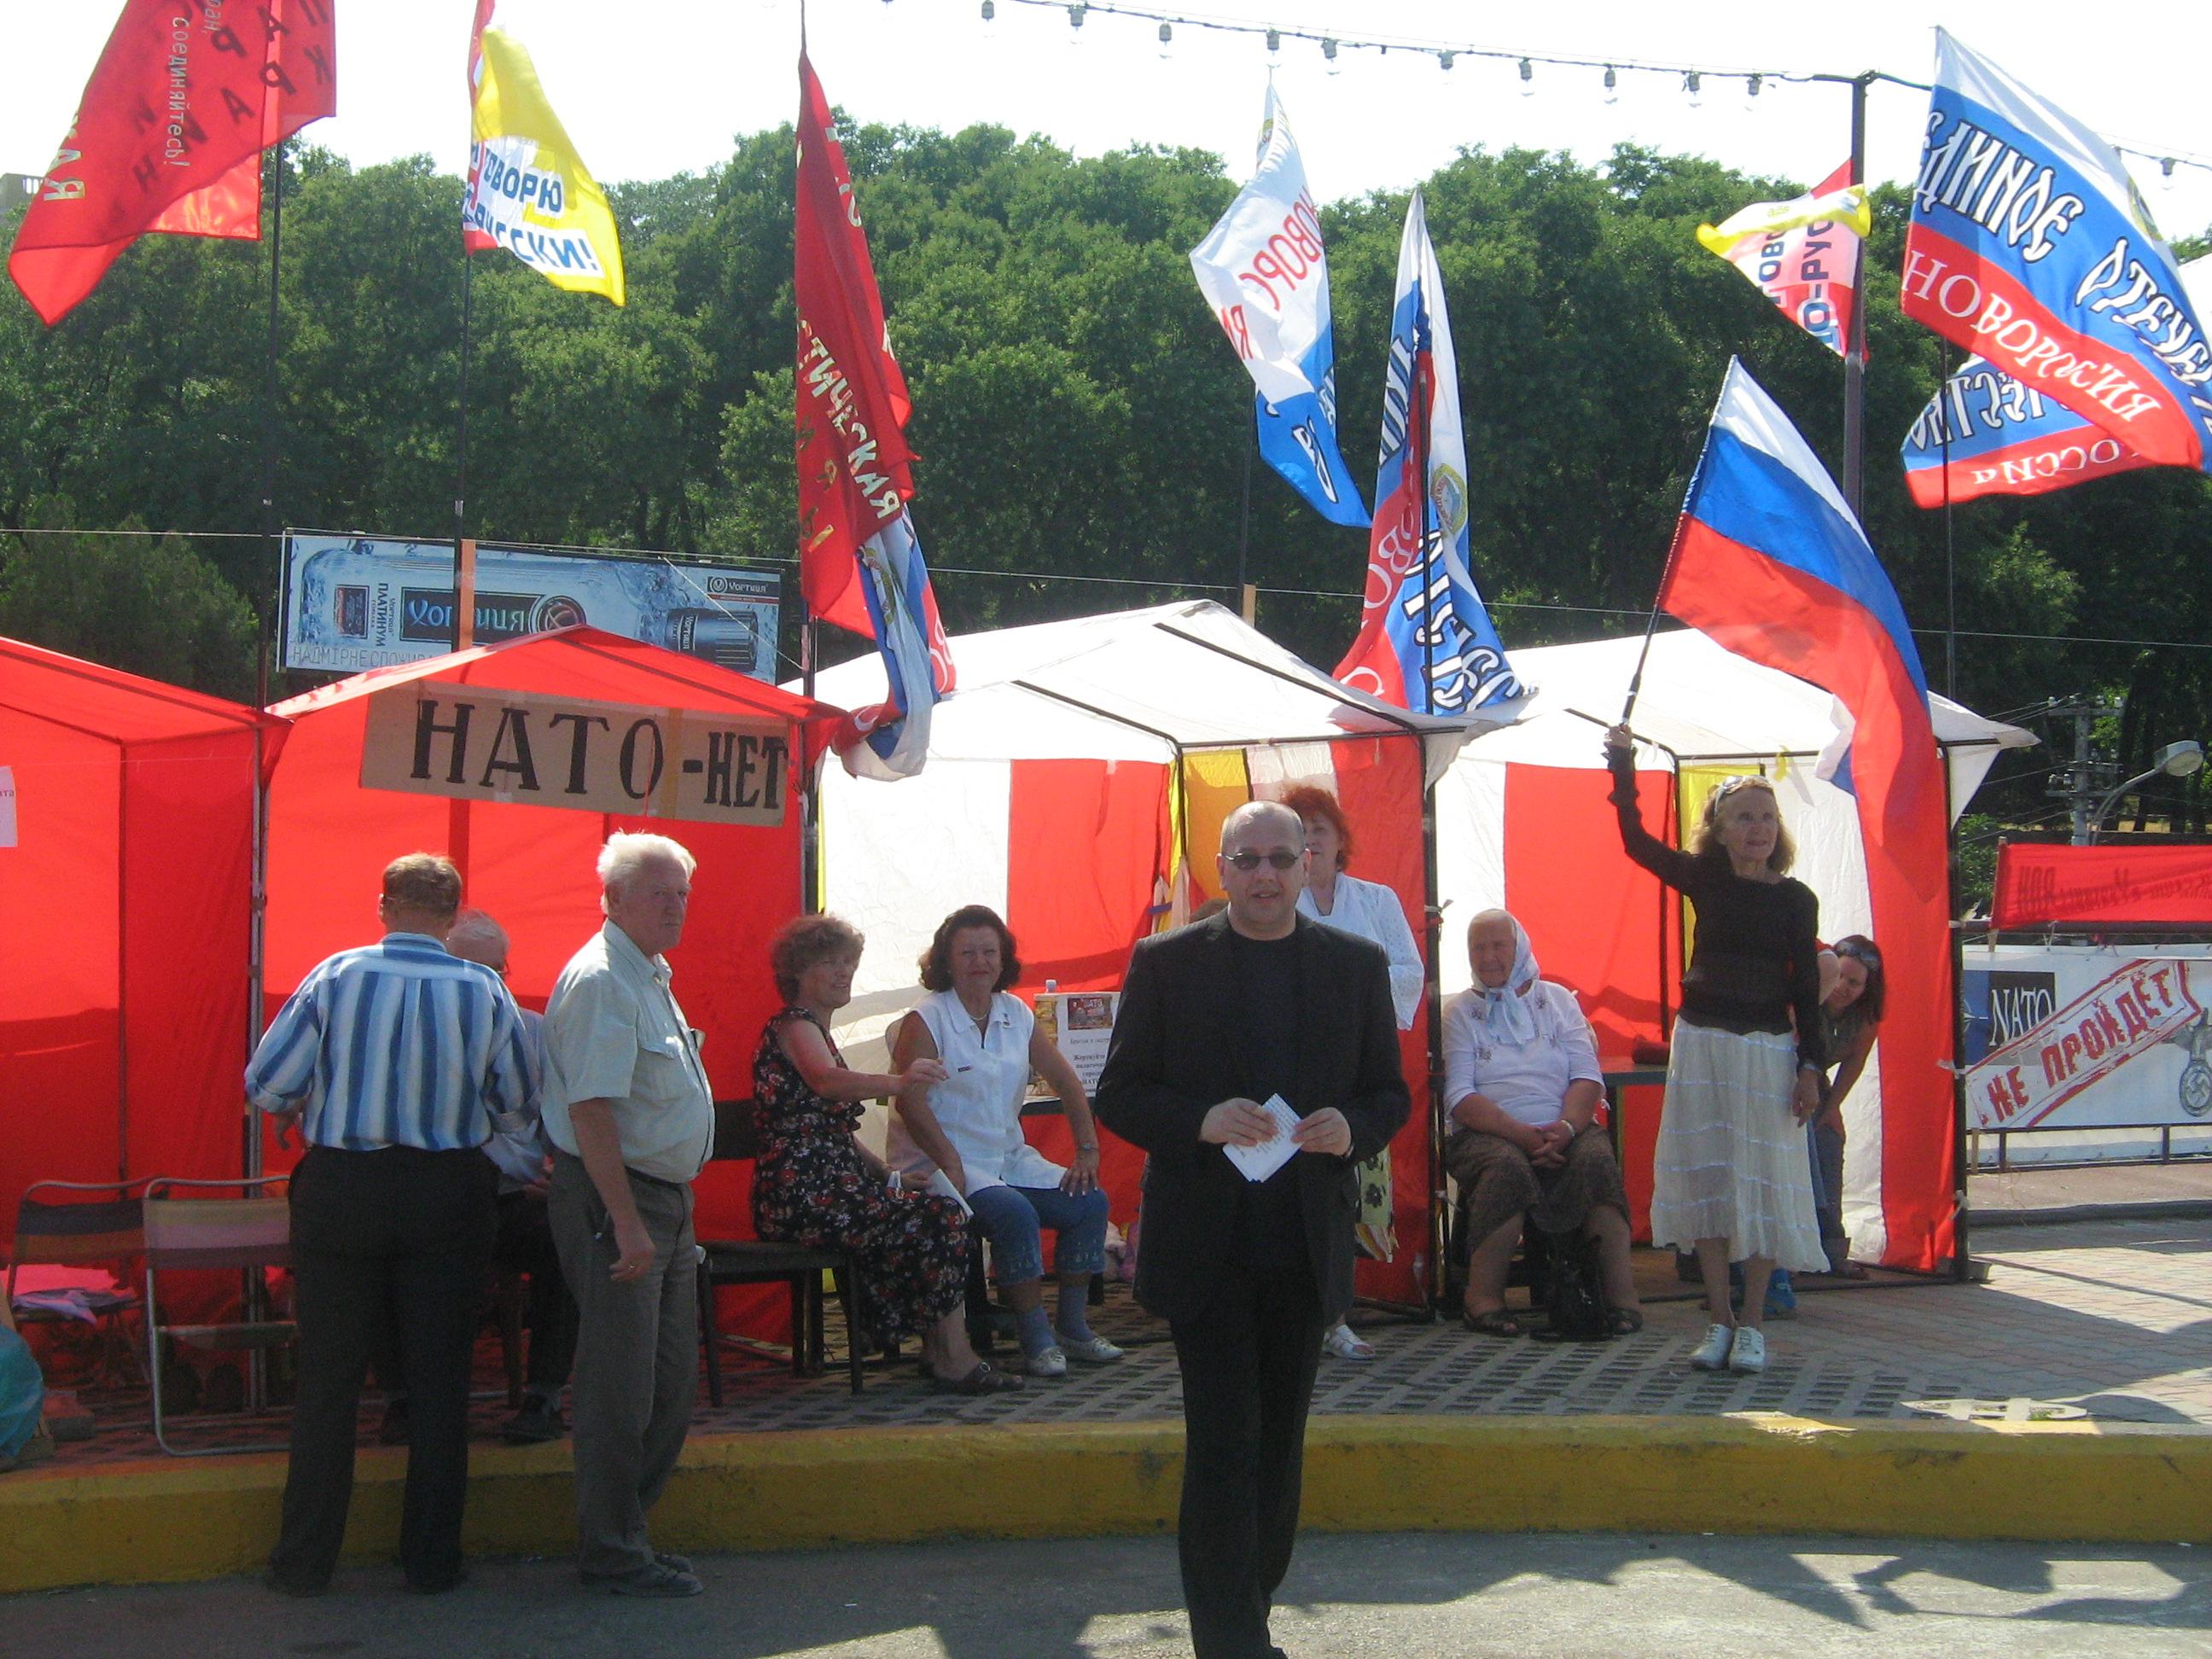 LM - PCN-SPO 3,5 millions d'ukrainiens ctre l'Ue (2013 12 08) FR (5)